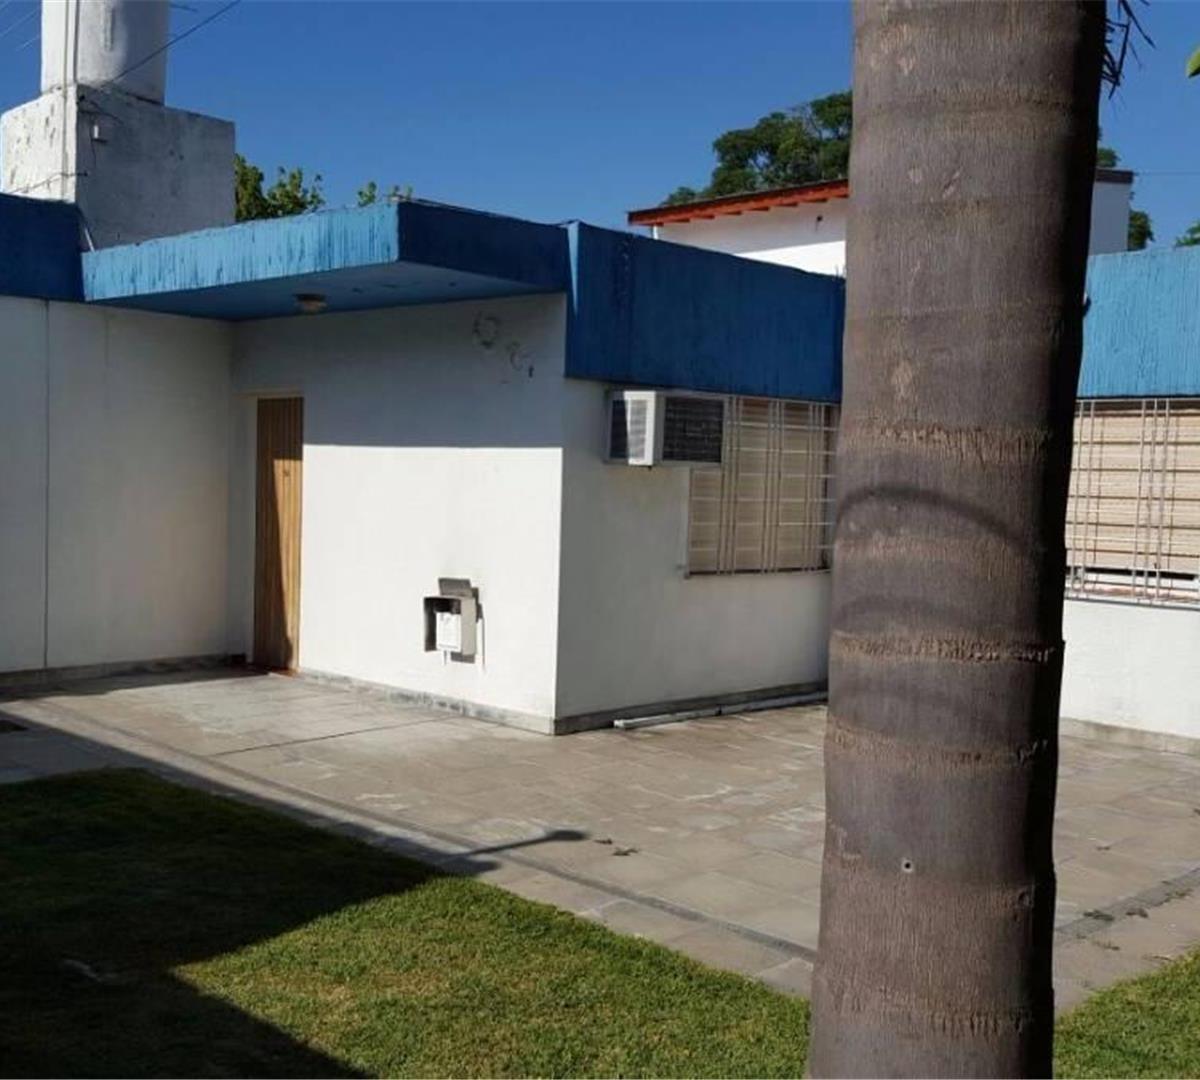 ph 5 amb - pb al fondo - jardín, lavadero y fondo - c/ renta